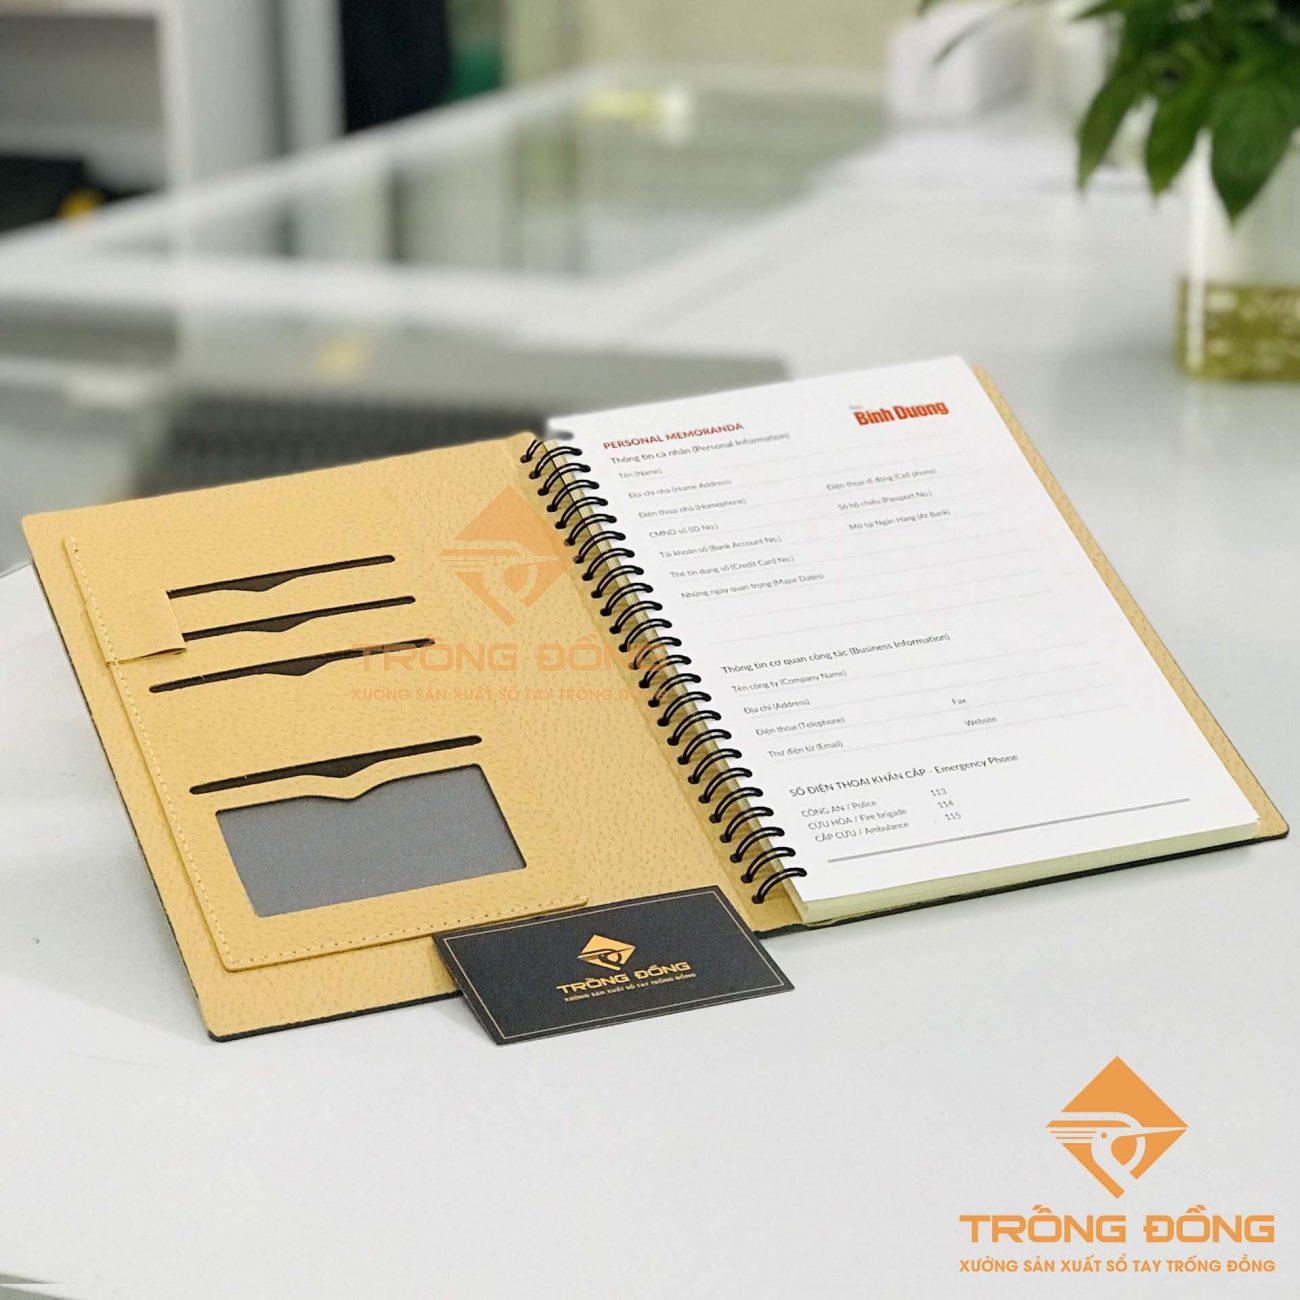 Thiết kế các ngăn đựng và quai cài bút của sổ tay lò xo bìa da.